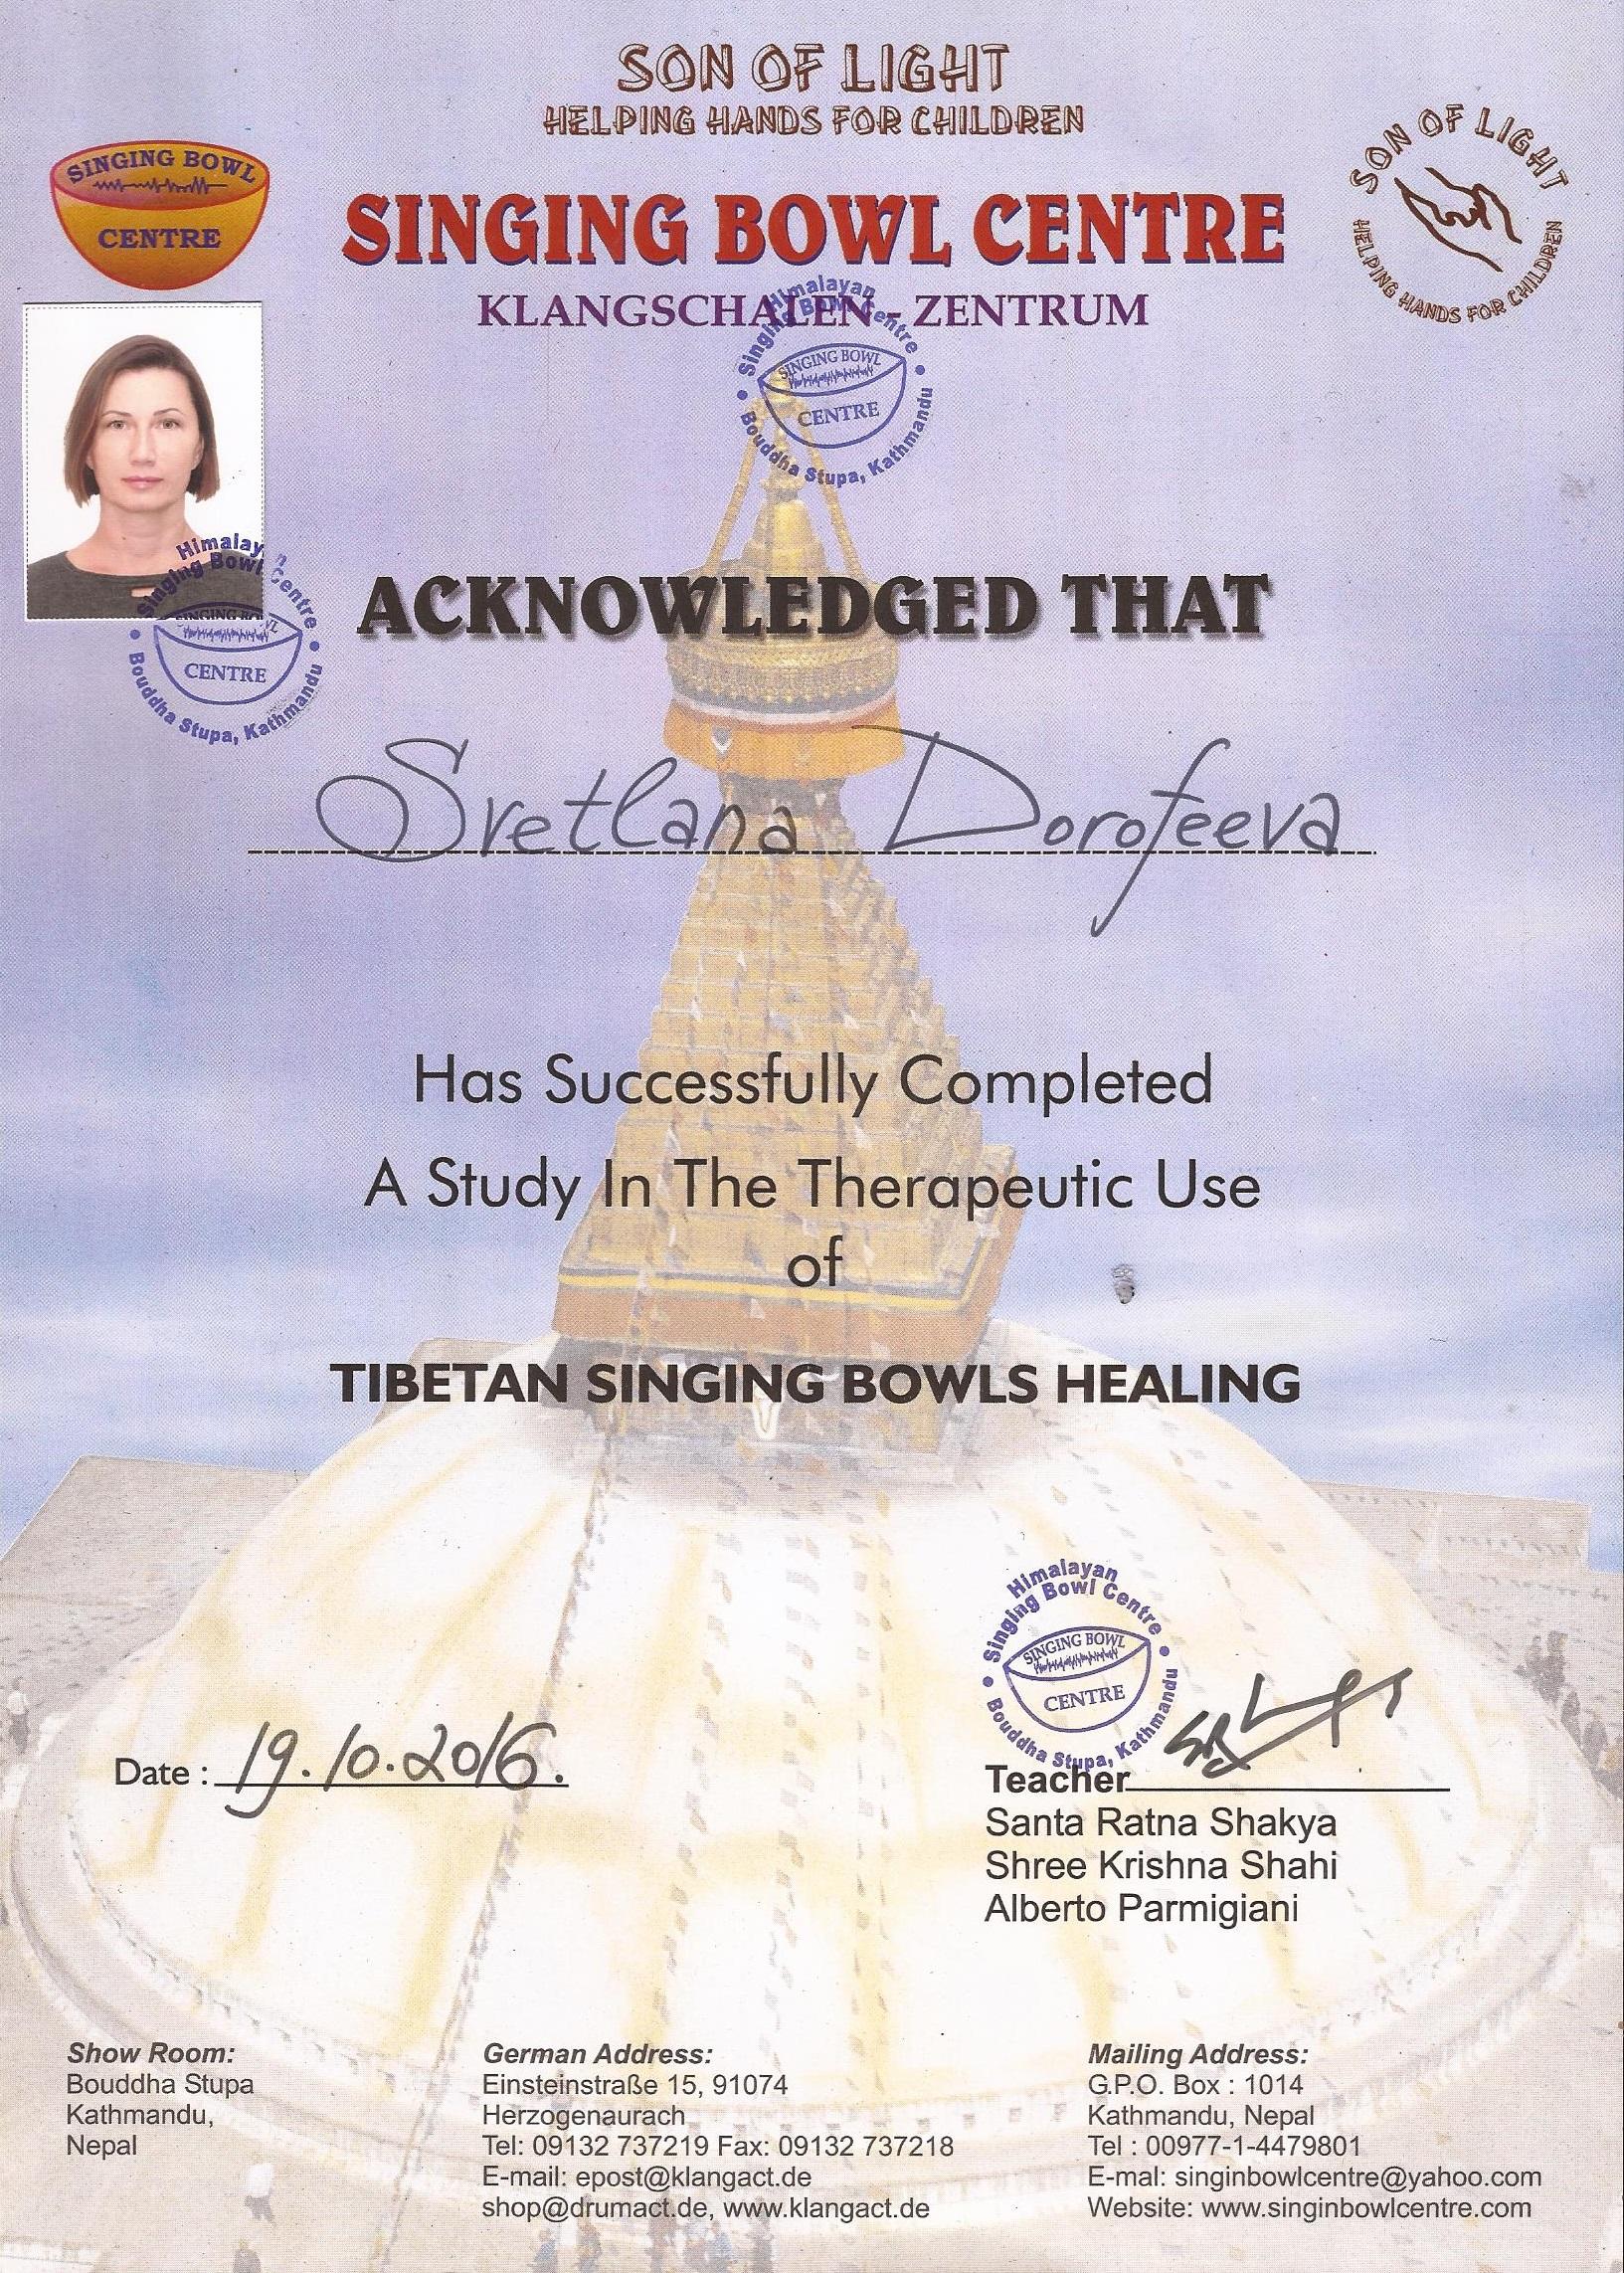 Сертификат об успешном завершении обучения терапевтическому исп